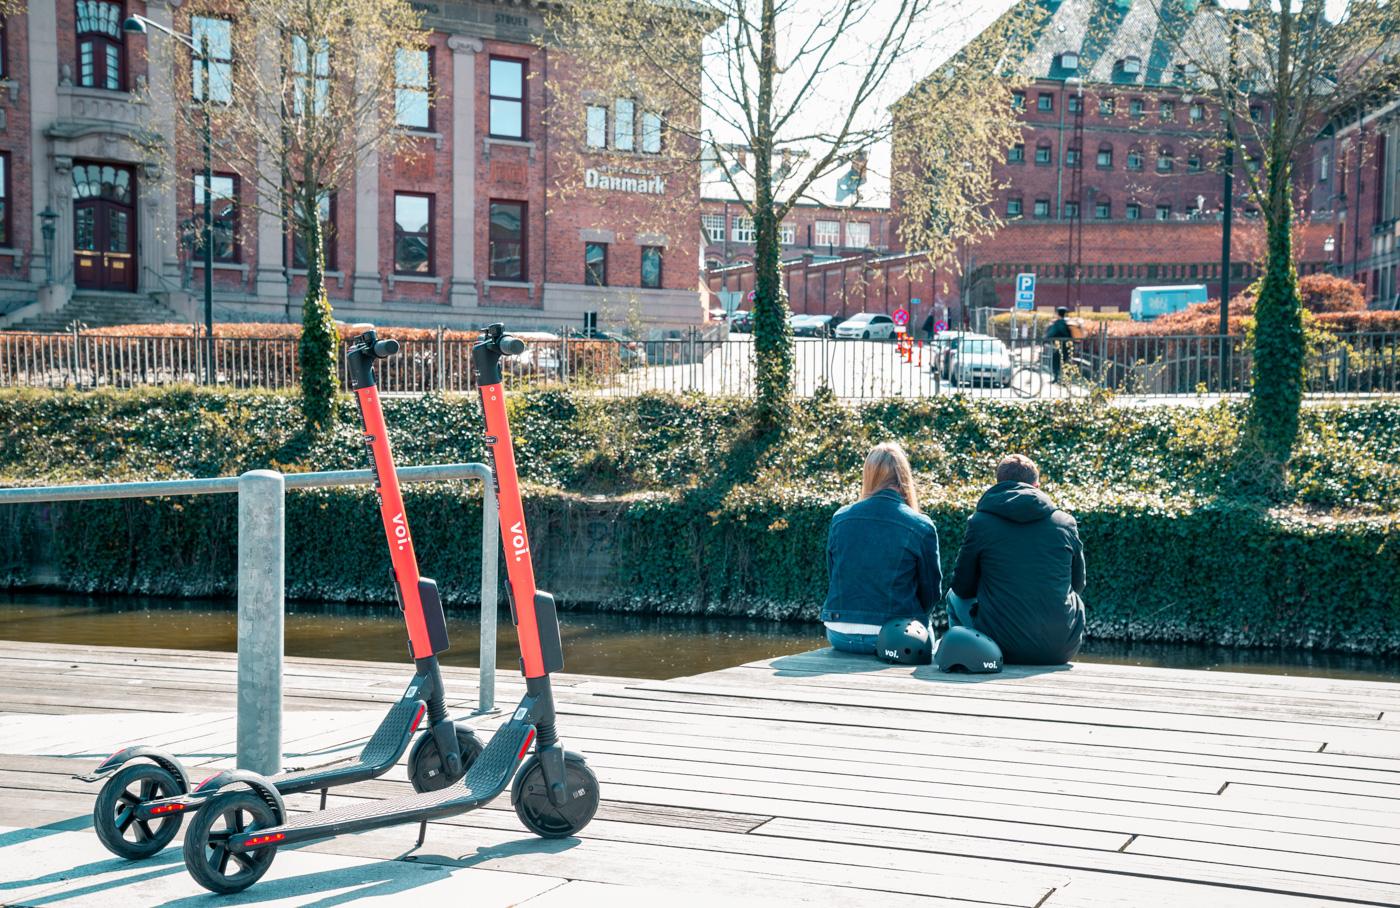 150 elektriske deleløbehjul: Torsdag ruller de elektriske løbehjul ud i Aarhus